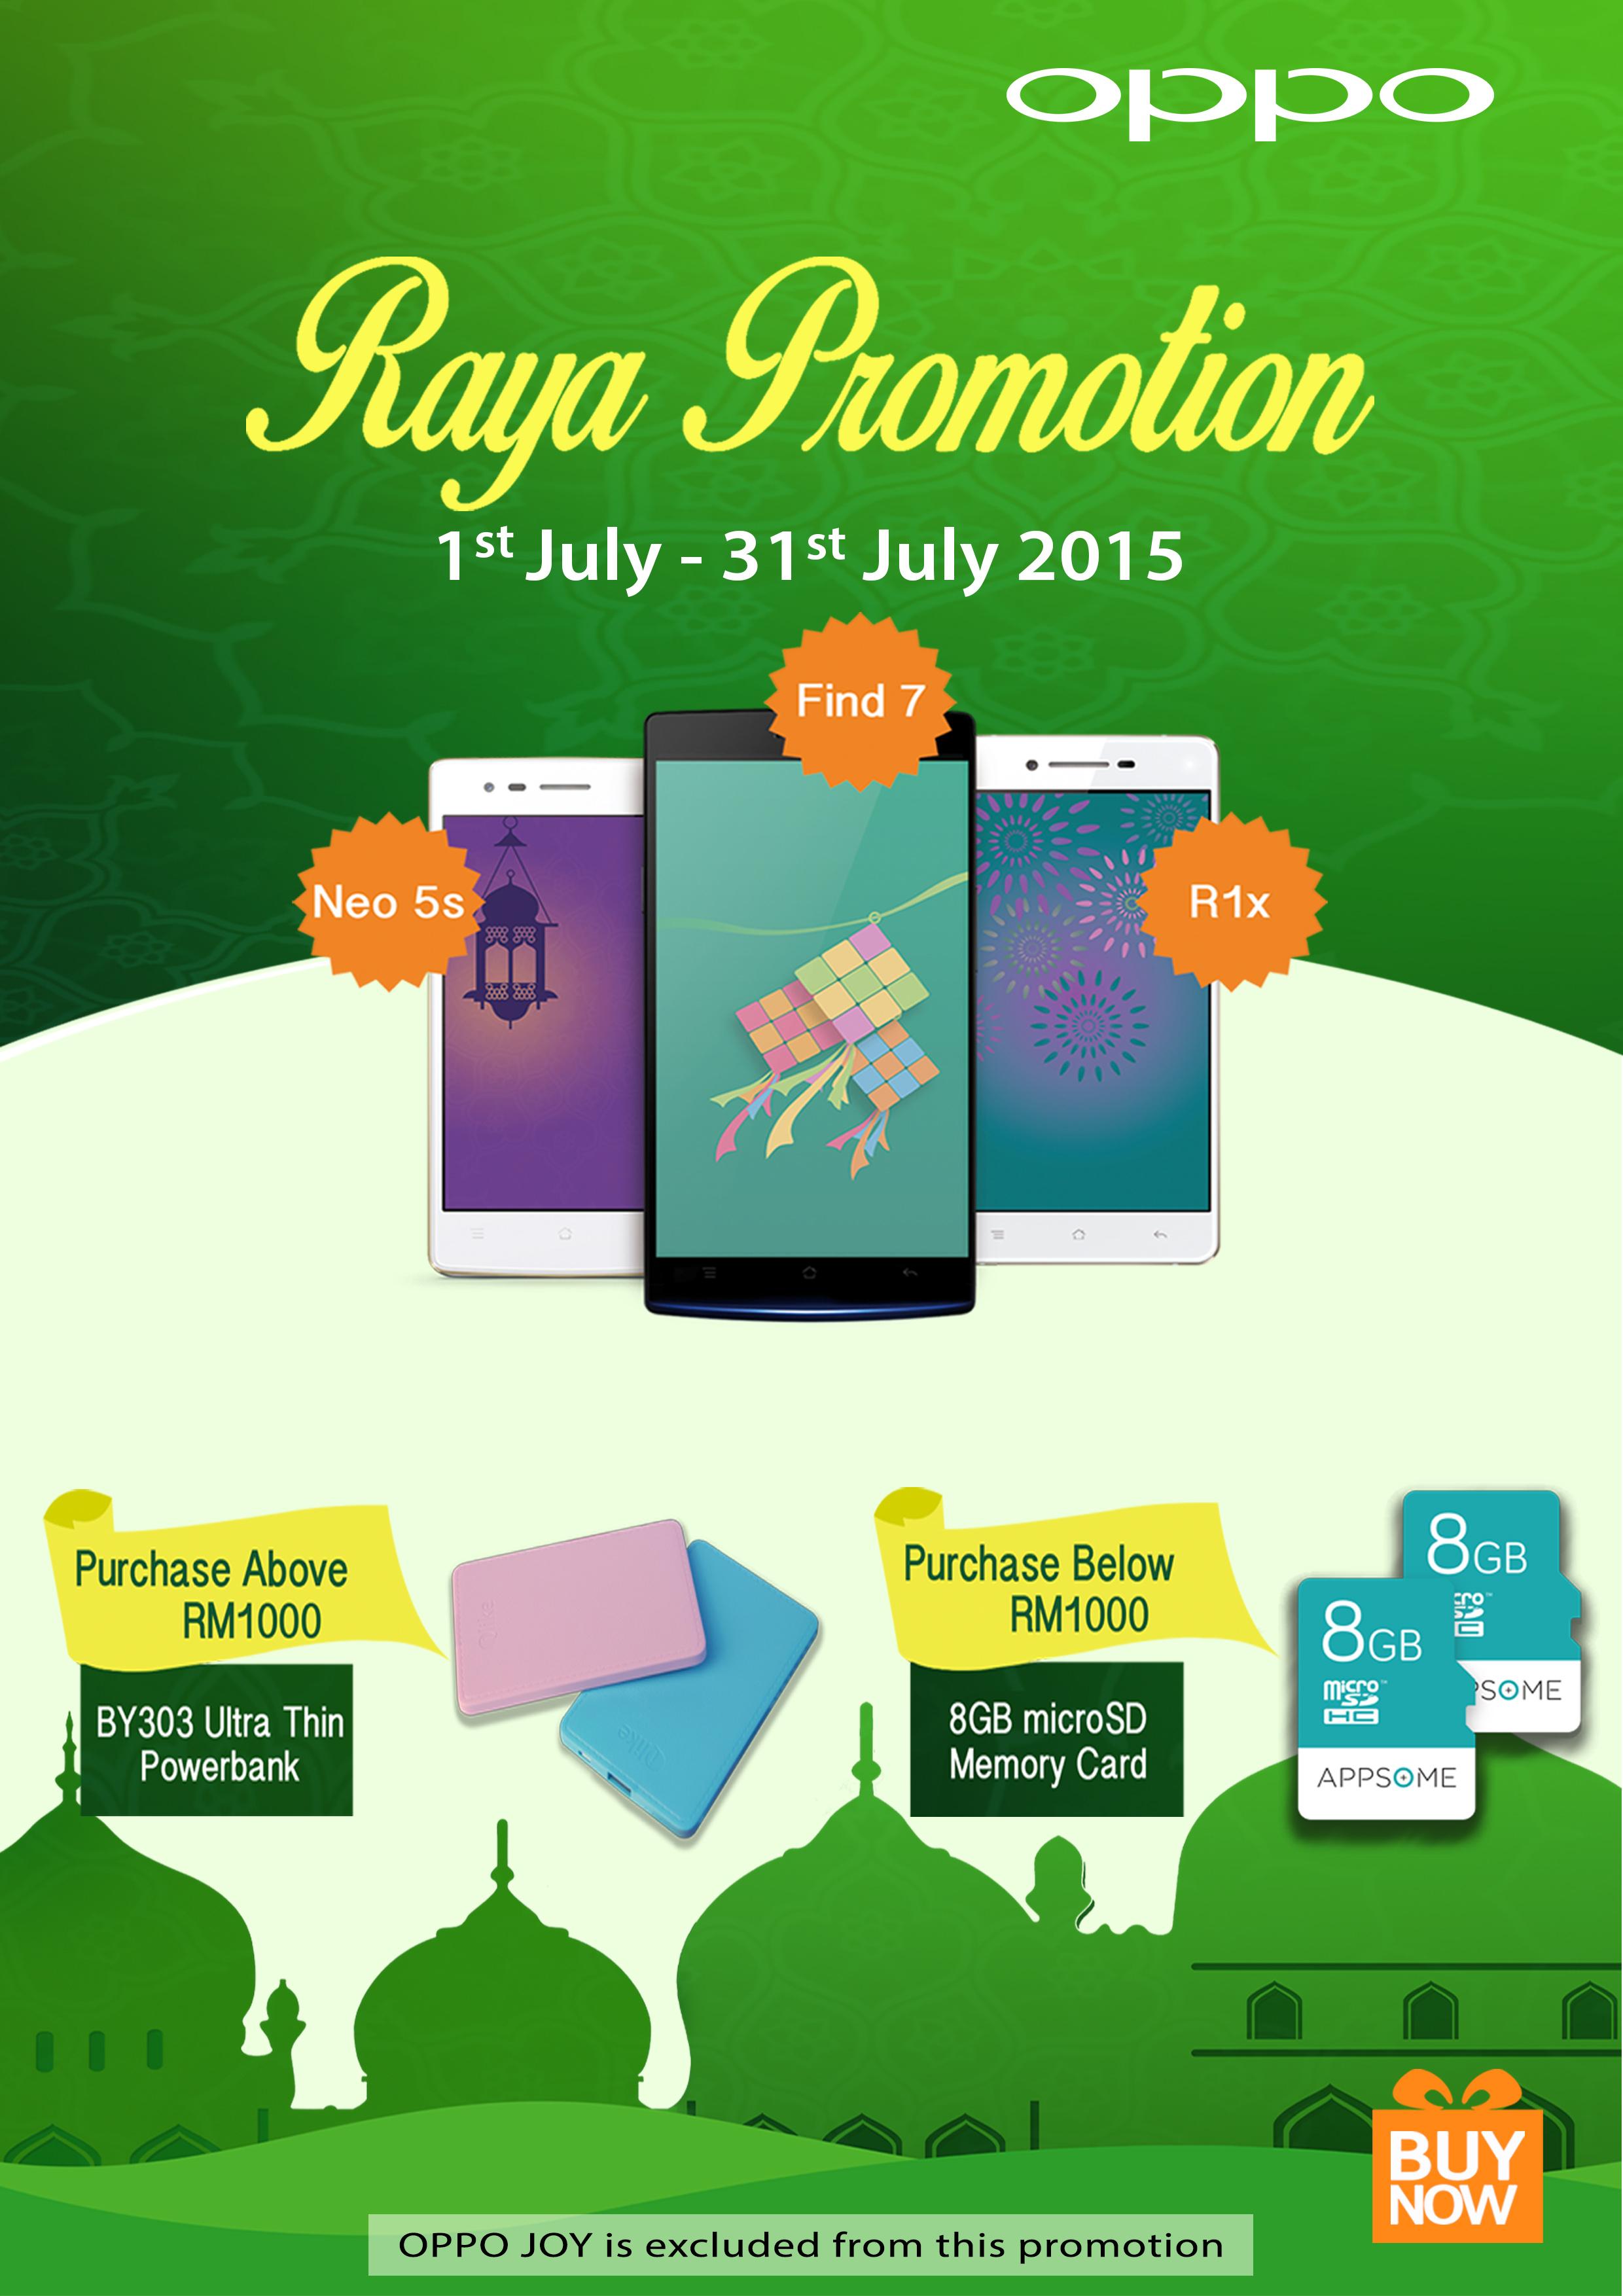 OPPO Malaysia Raya Promotion